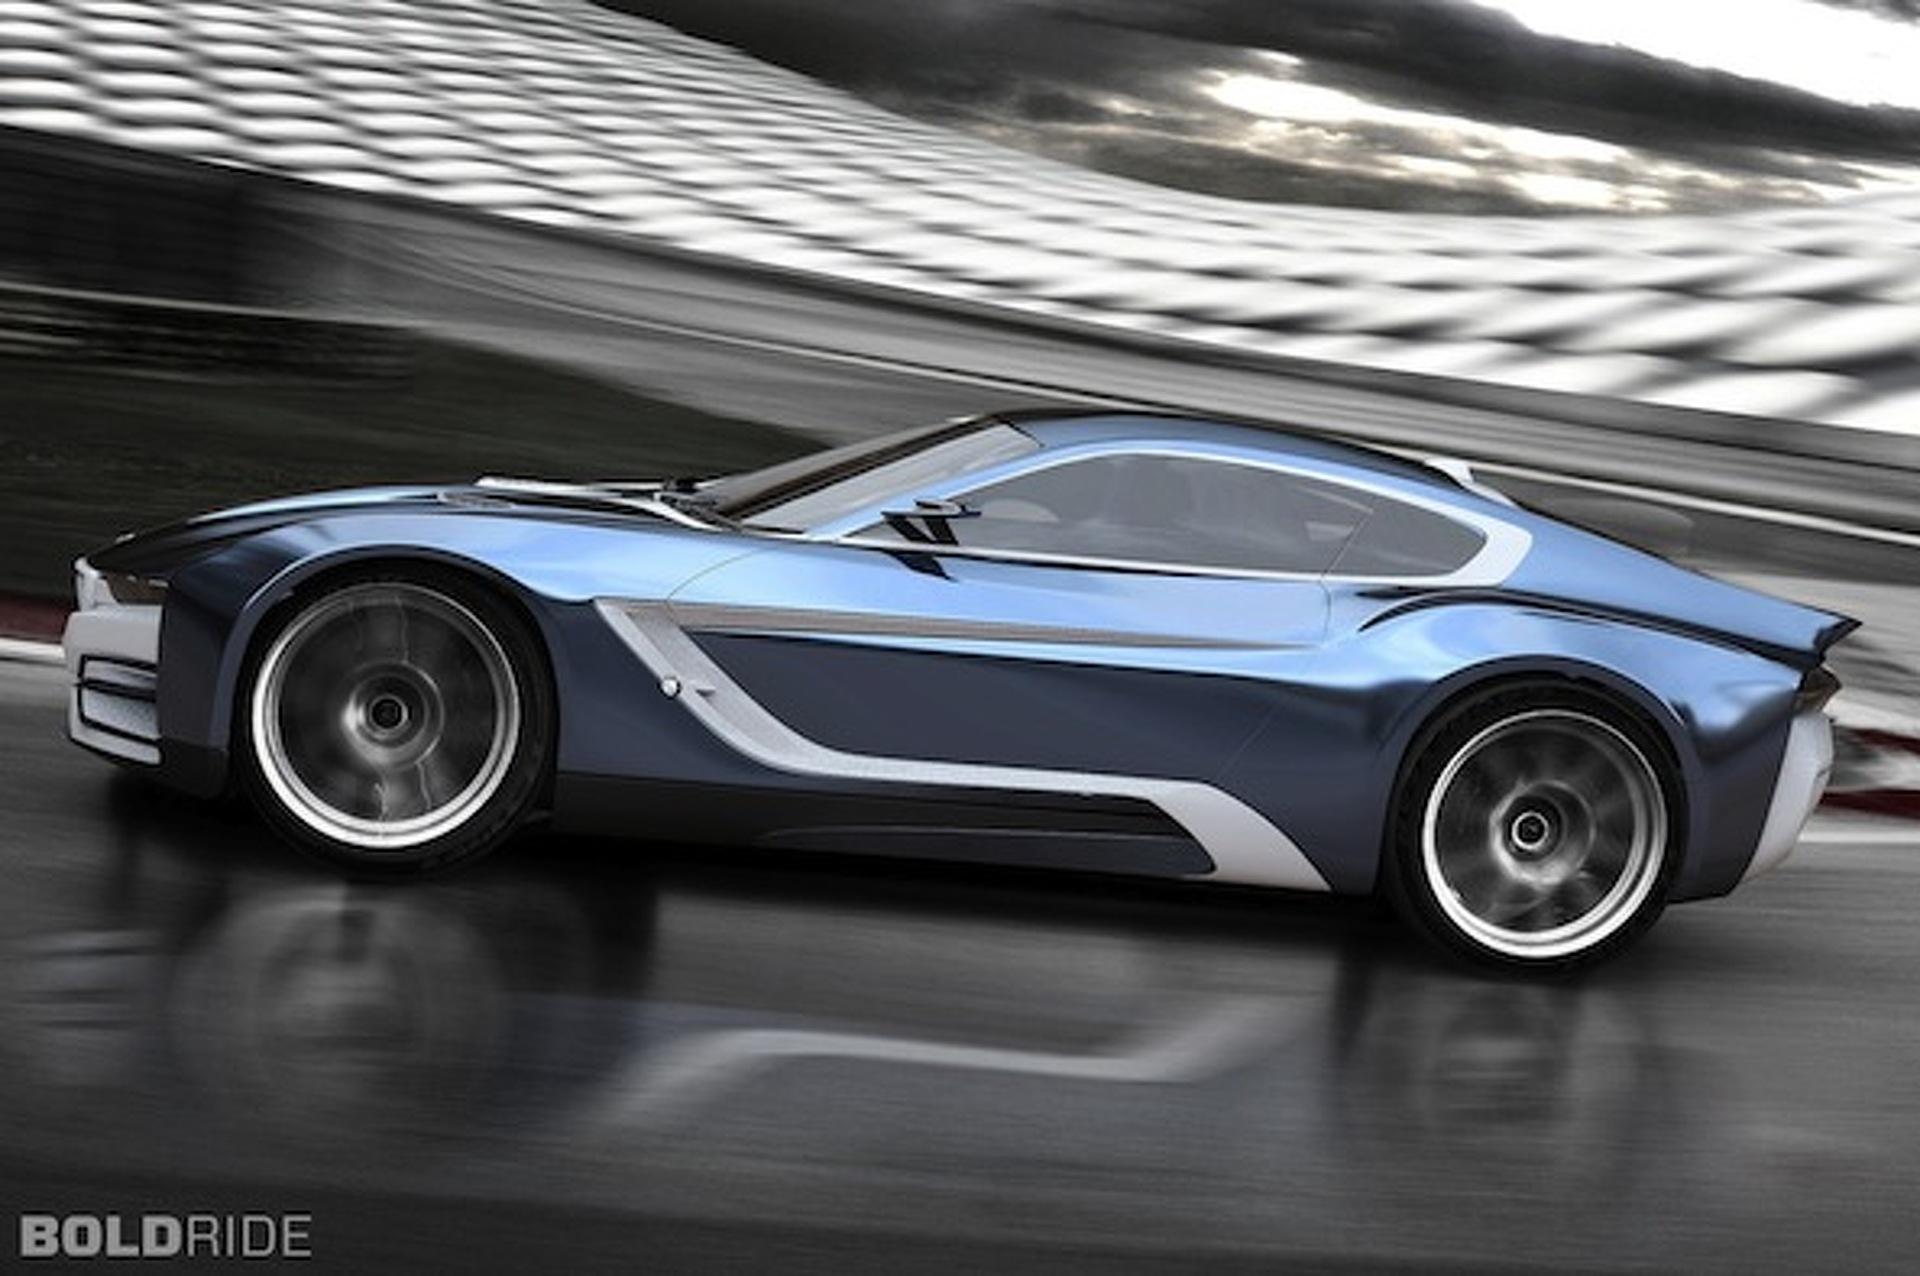 BMW M3i/320 Concept: The